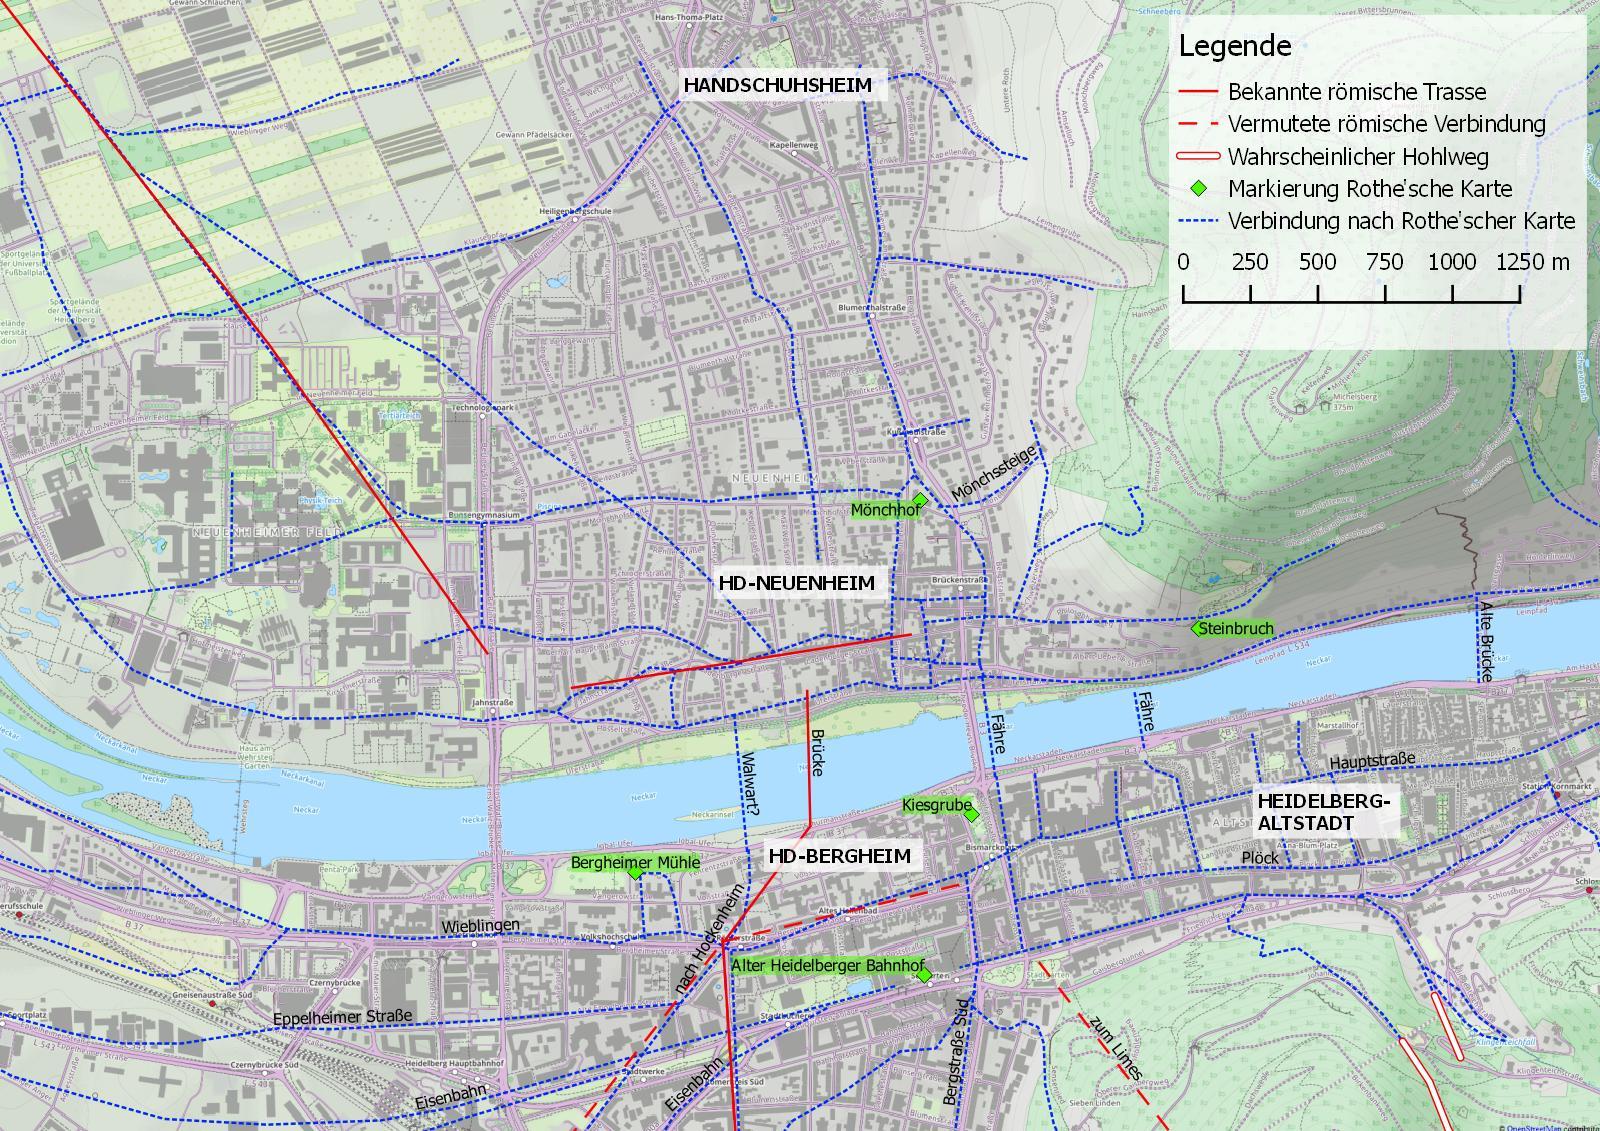 GIS mit Rothe'scher Karte